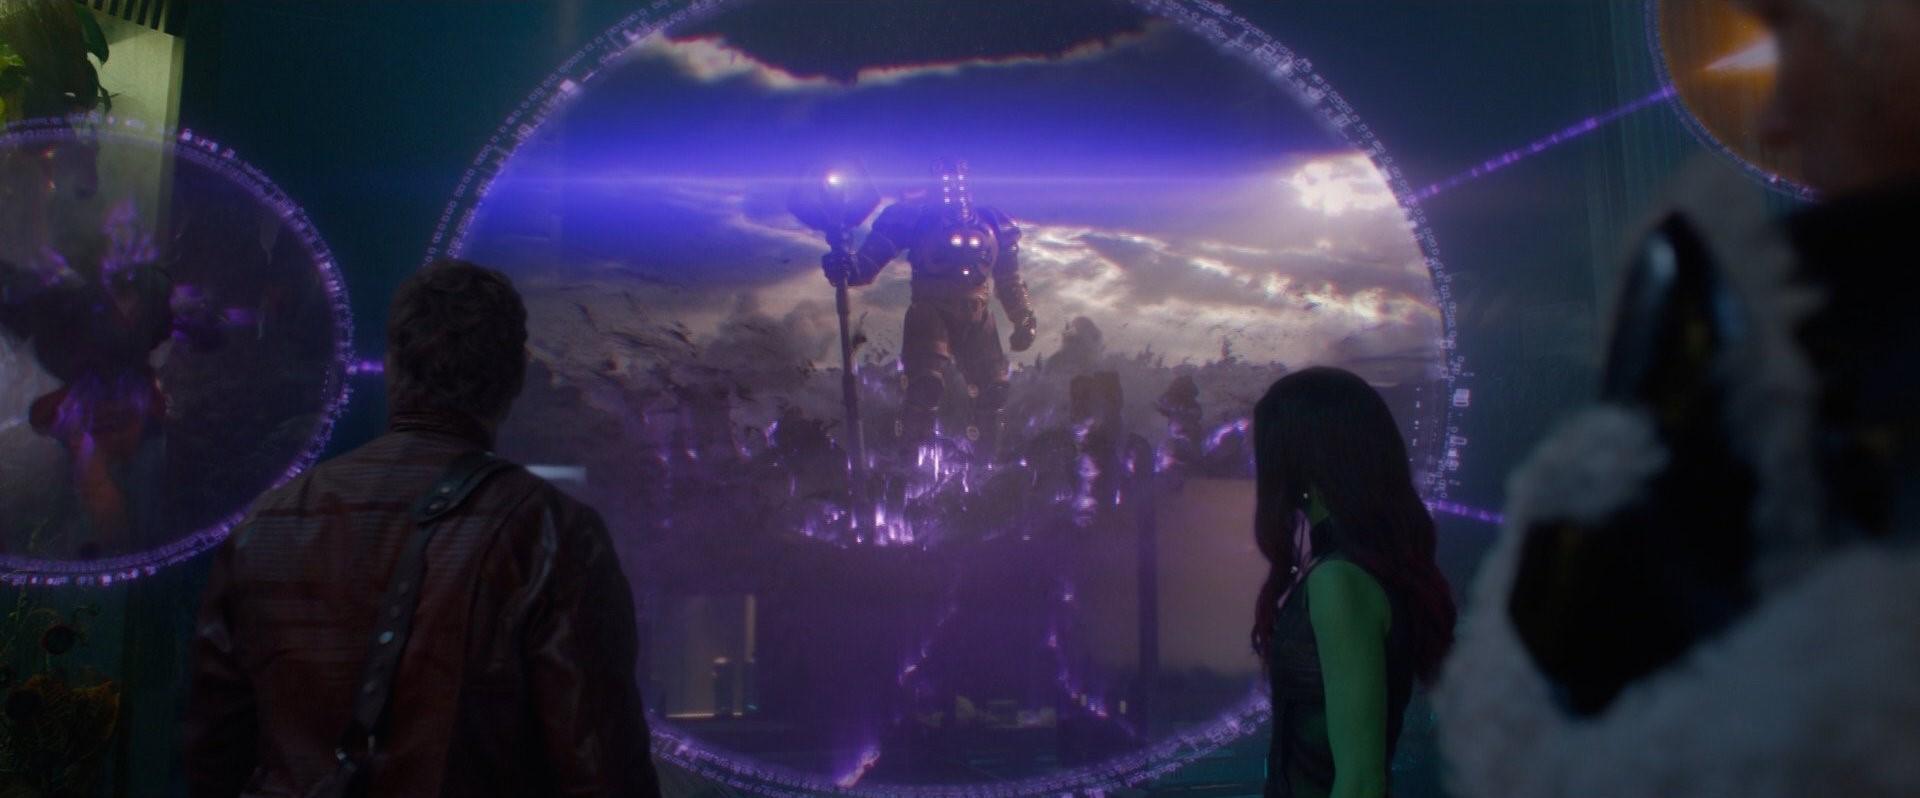 ETERNALS của Marvel khủng cỡ nào mà loạt sao bự Hollywood háo hức góp mặt dữ vậy? - Ảnh 5.